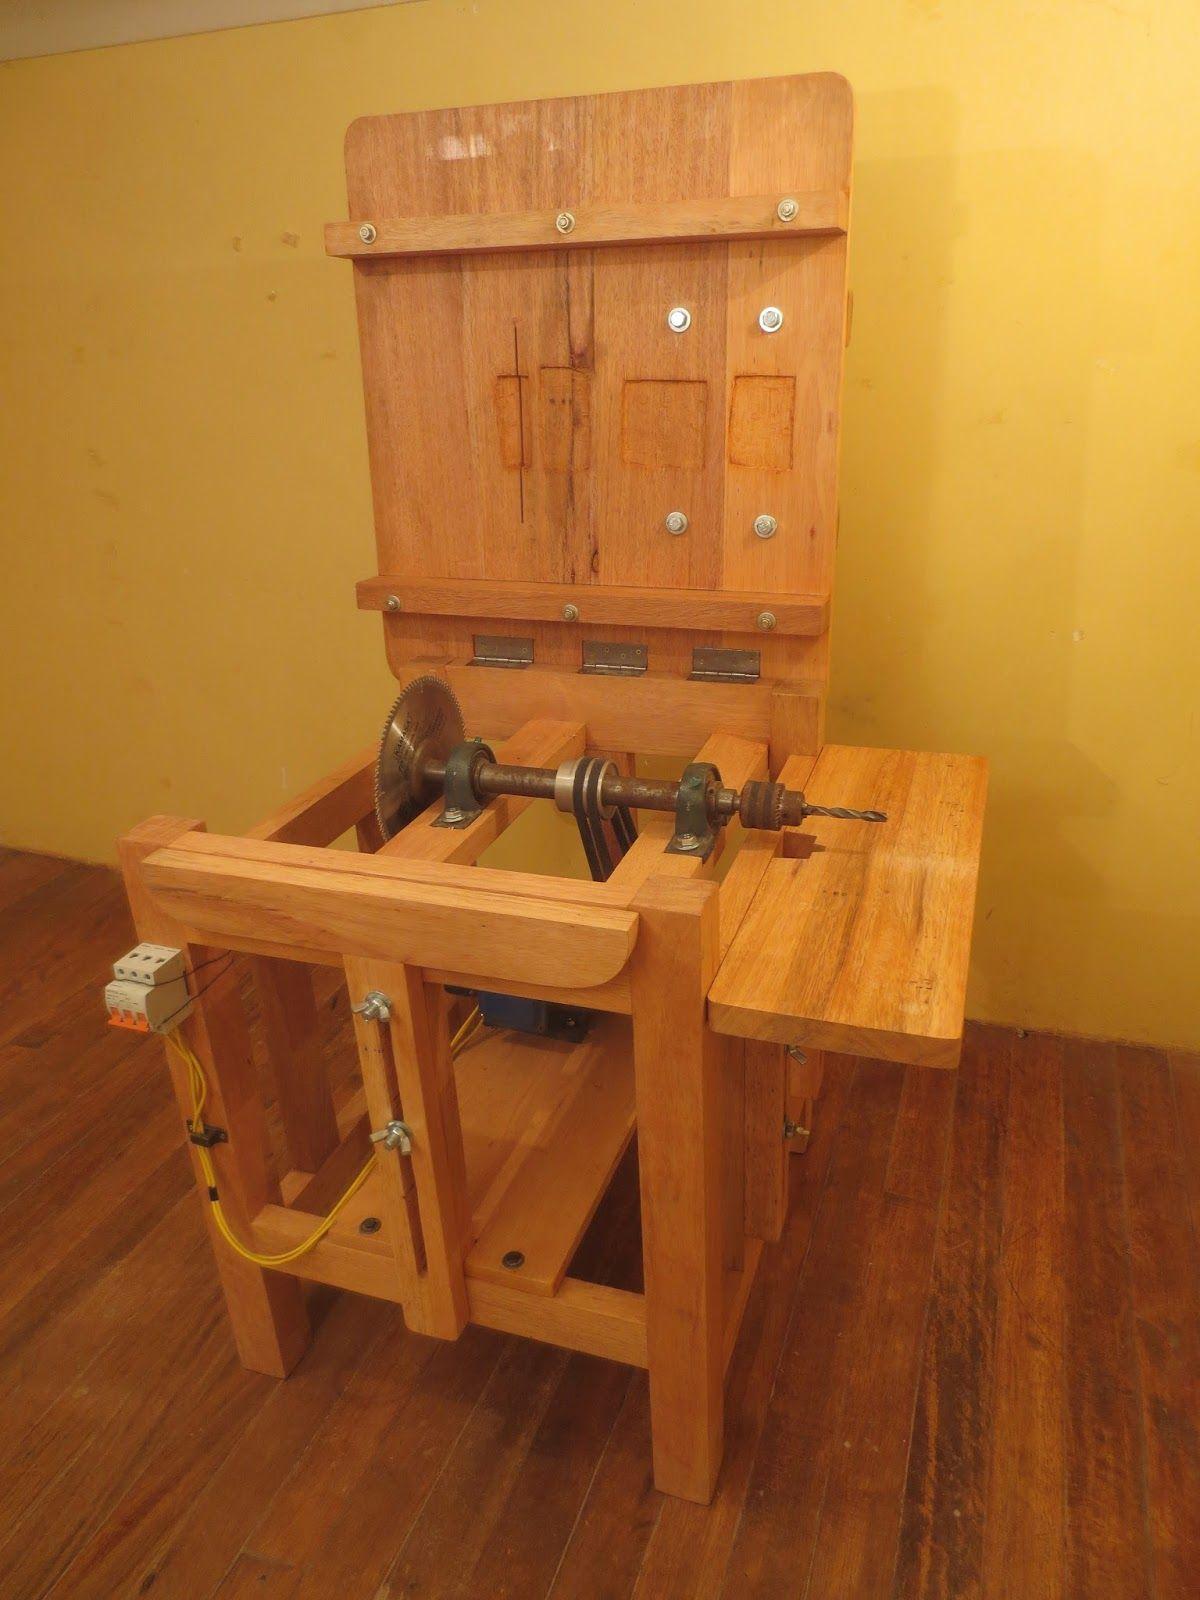 Decoraciones manualidades en madera como hacer una sierra - Hacer manualidades con madera ...